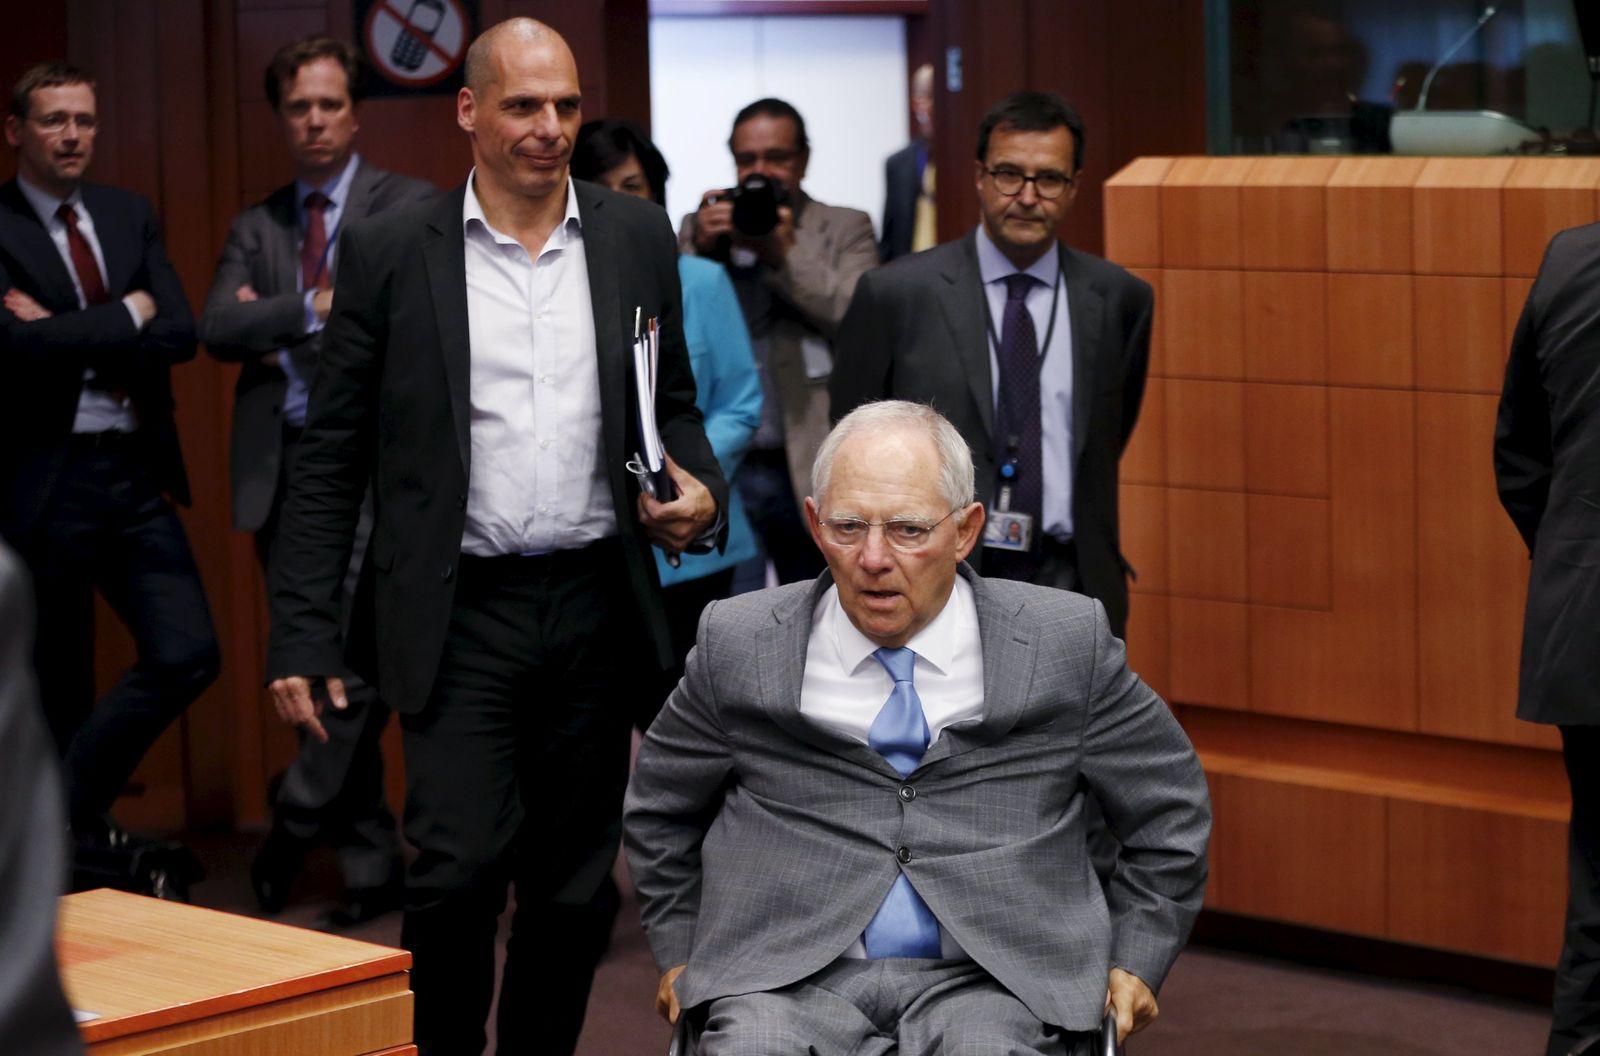 Varoufakis / Schäuble